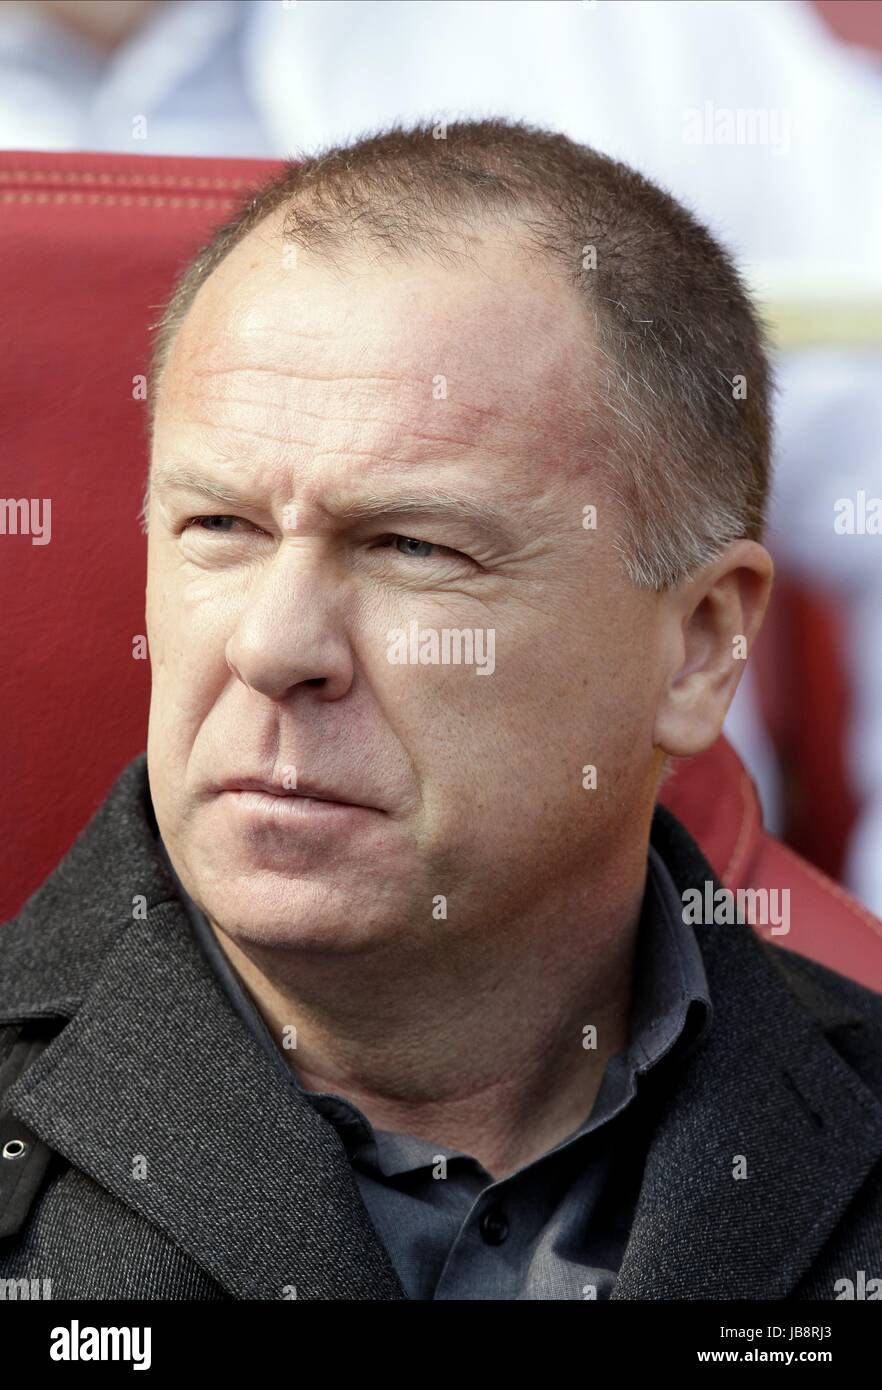 MANO Menezes, entrenador del equipo de fútbol de Brasil Brasil entrenador del equipo de fútbol Emirates Imagen De Stock